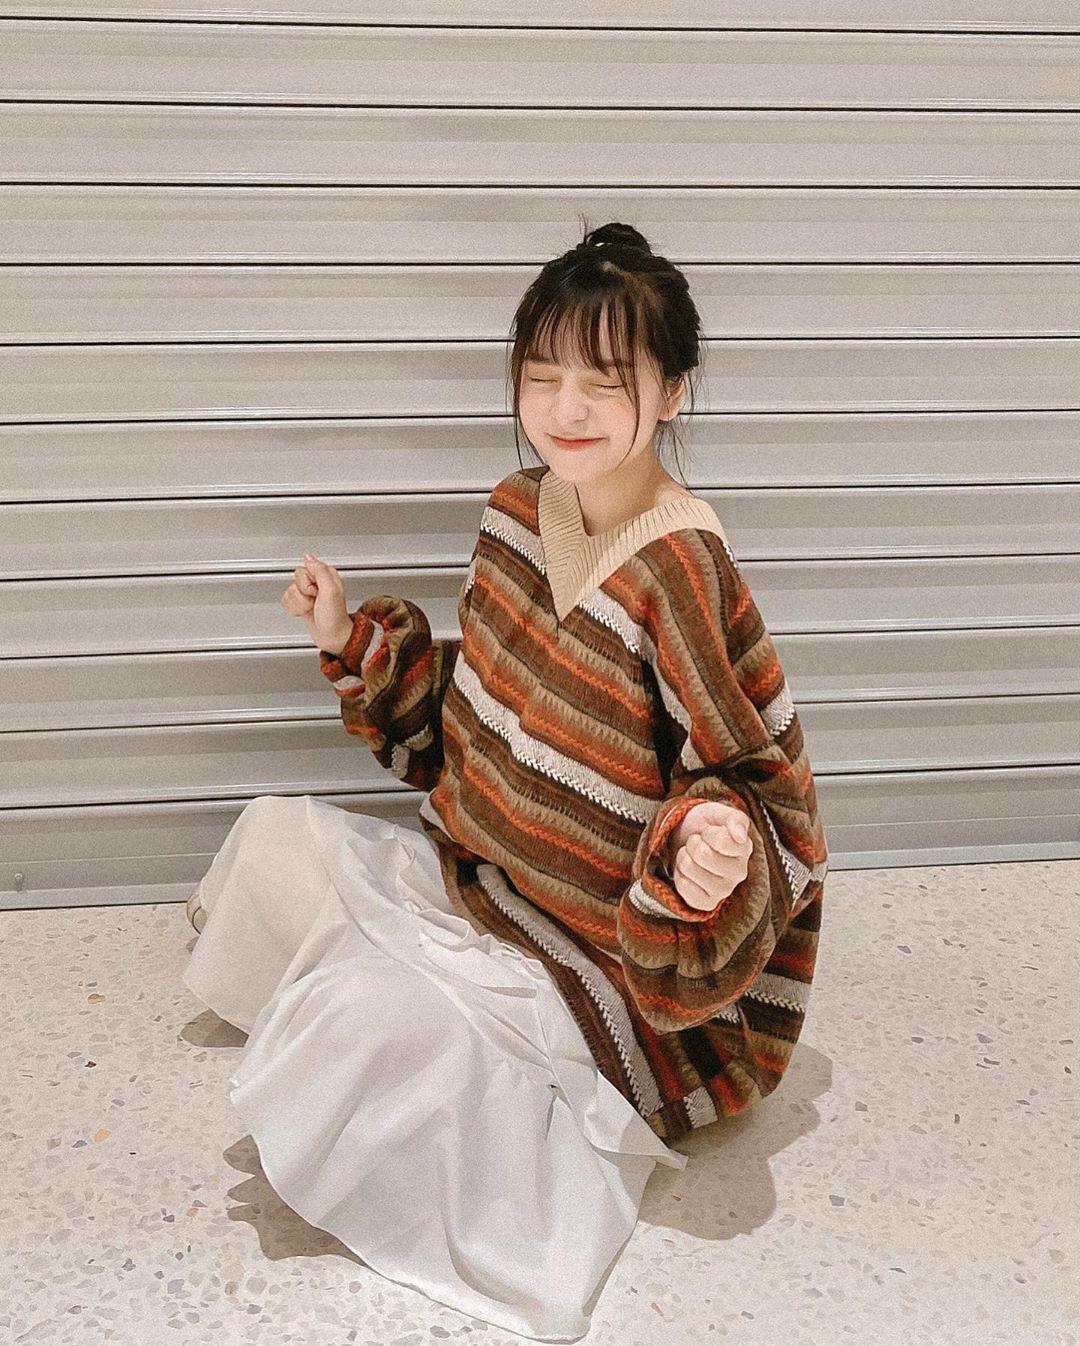 颜质超越女星!越南美少女Chu Thị Khánh Vân身材更是无可挑剔[24P]